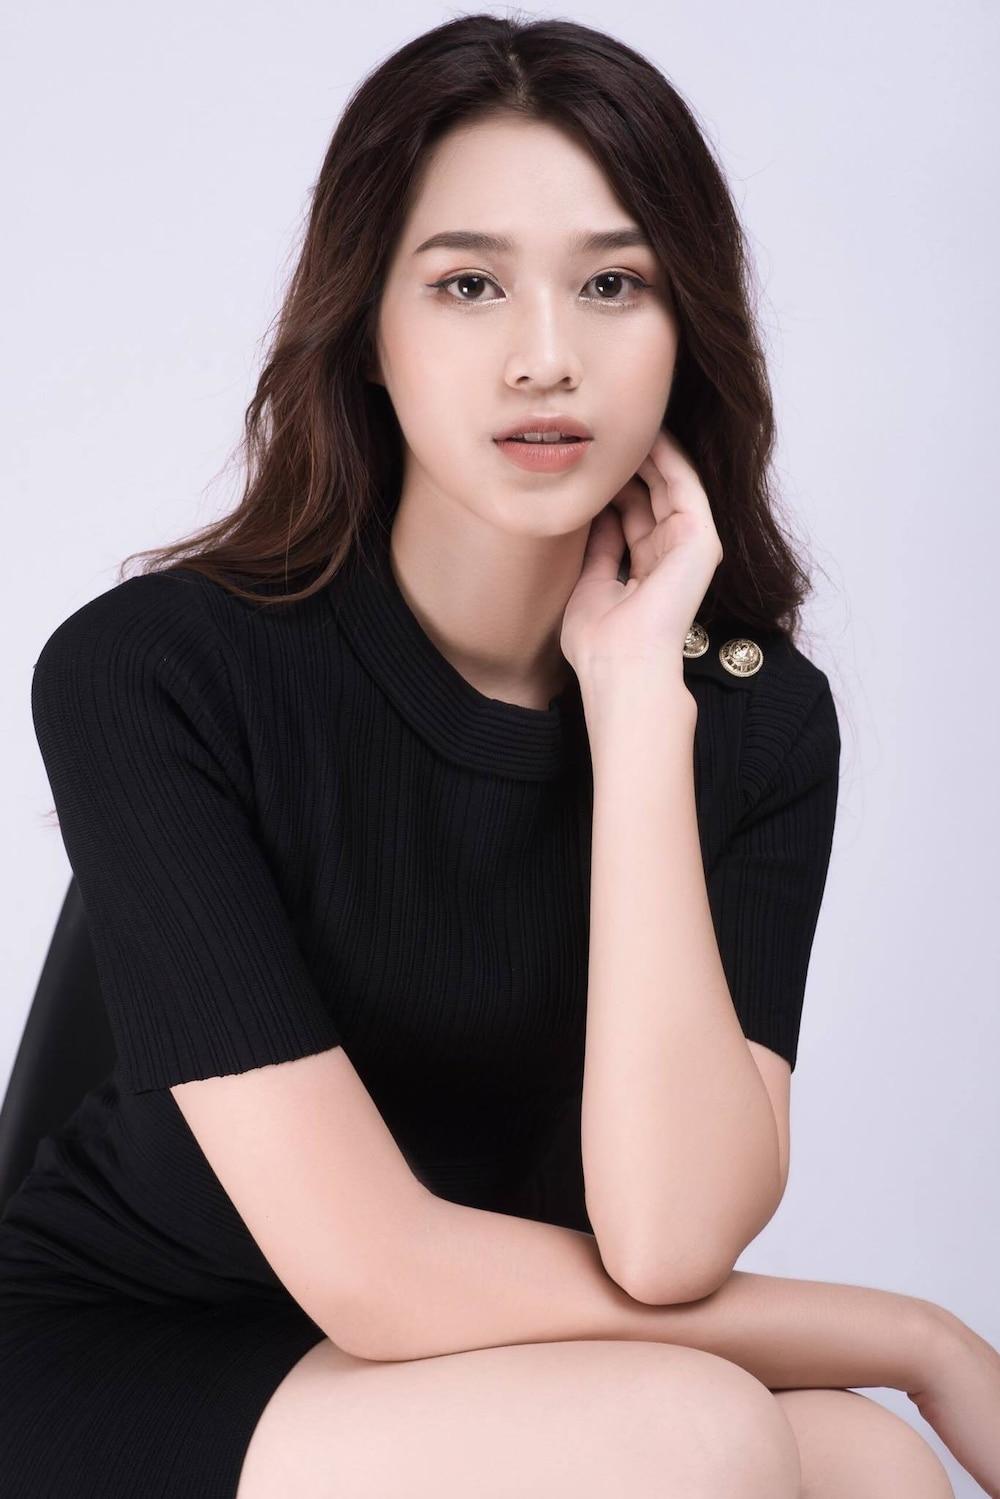 Bên cạnh nhan sắc xinh đẹp, Tân Hoa hậu Việt Nam còn sở hữu vóc dáng hoàn hảo với chiều cao 1m75 trong đó đôi chân dài 1m11 và số đo ba vòng lần lượt: 80 - 60 – 90.